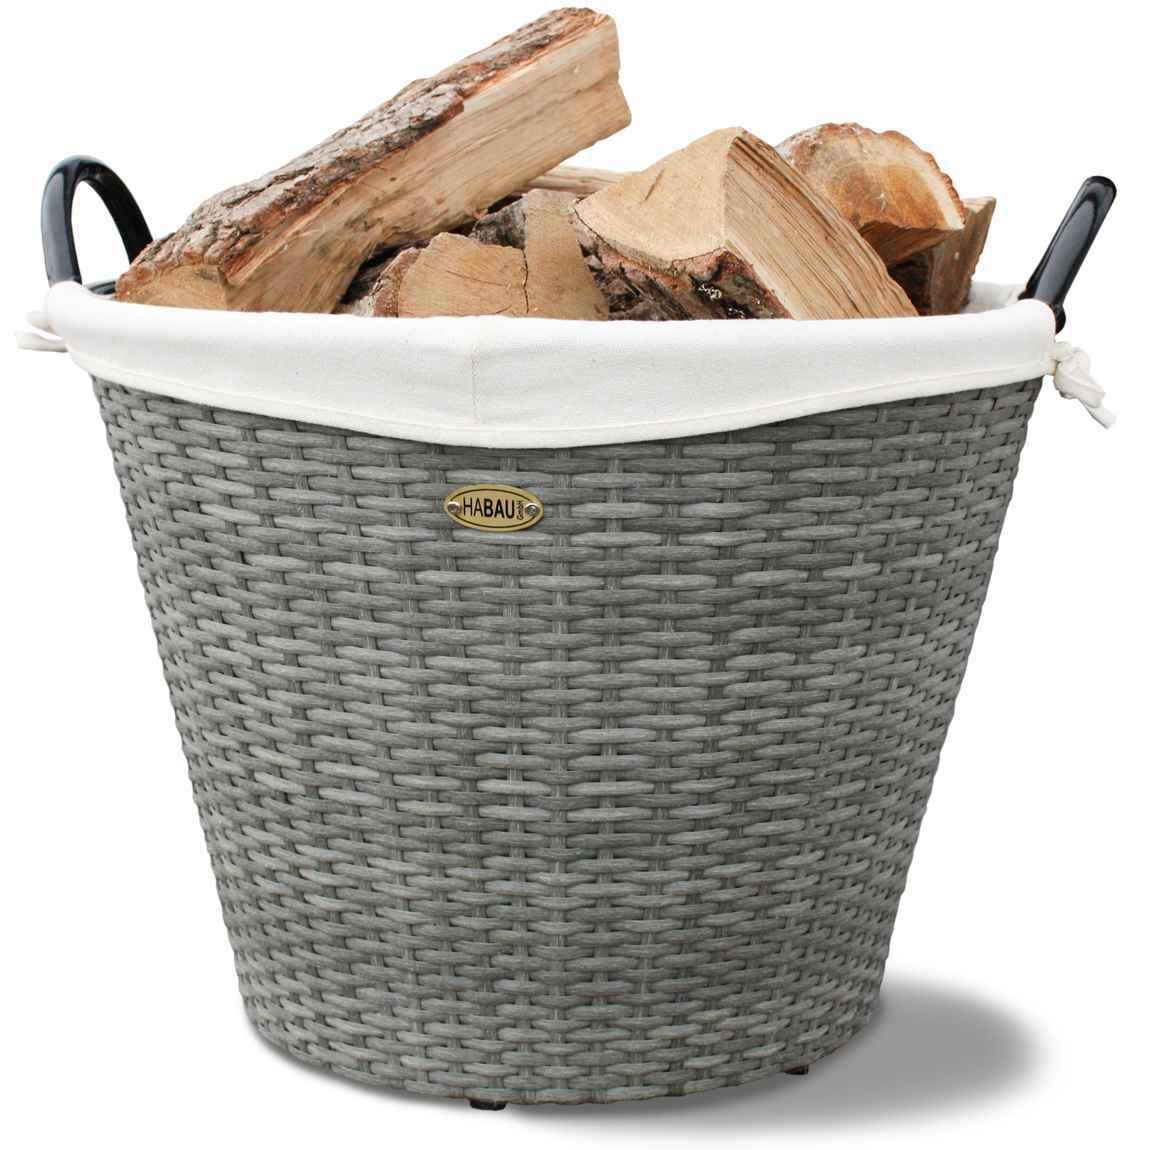 Feuerholzkorb / Kaminholzkorb Habau aus Polyethylen Ø54xH44cm Bild 1